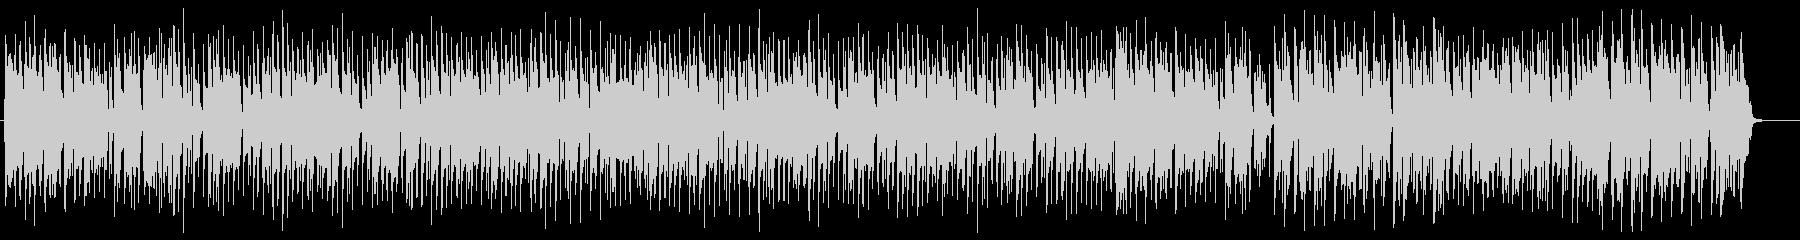 ラグタイムピアノ 曲の展開が速く軽快の未再生の波形